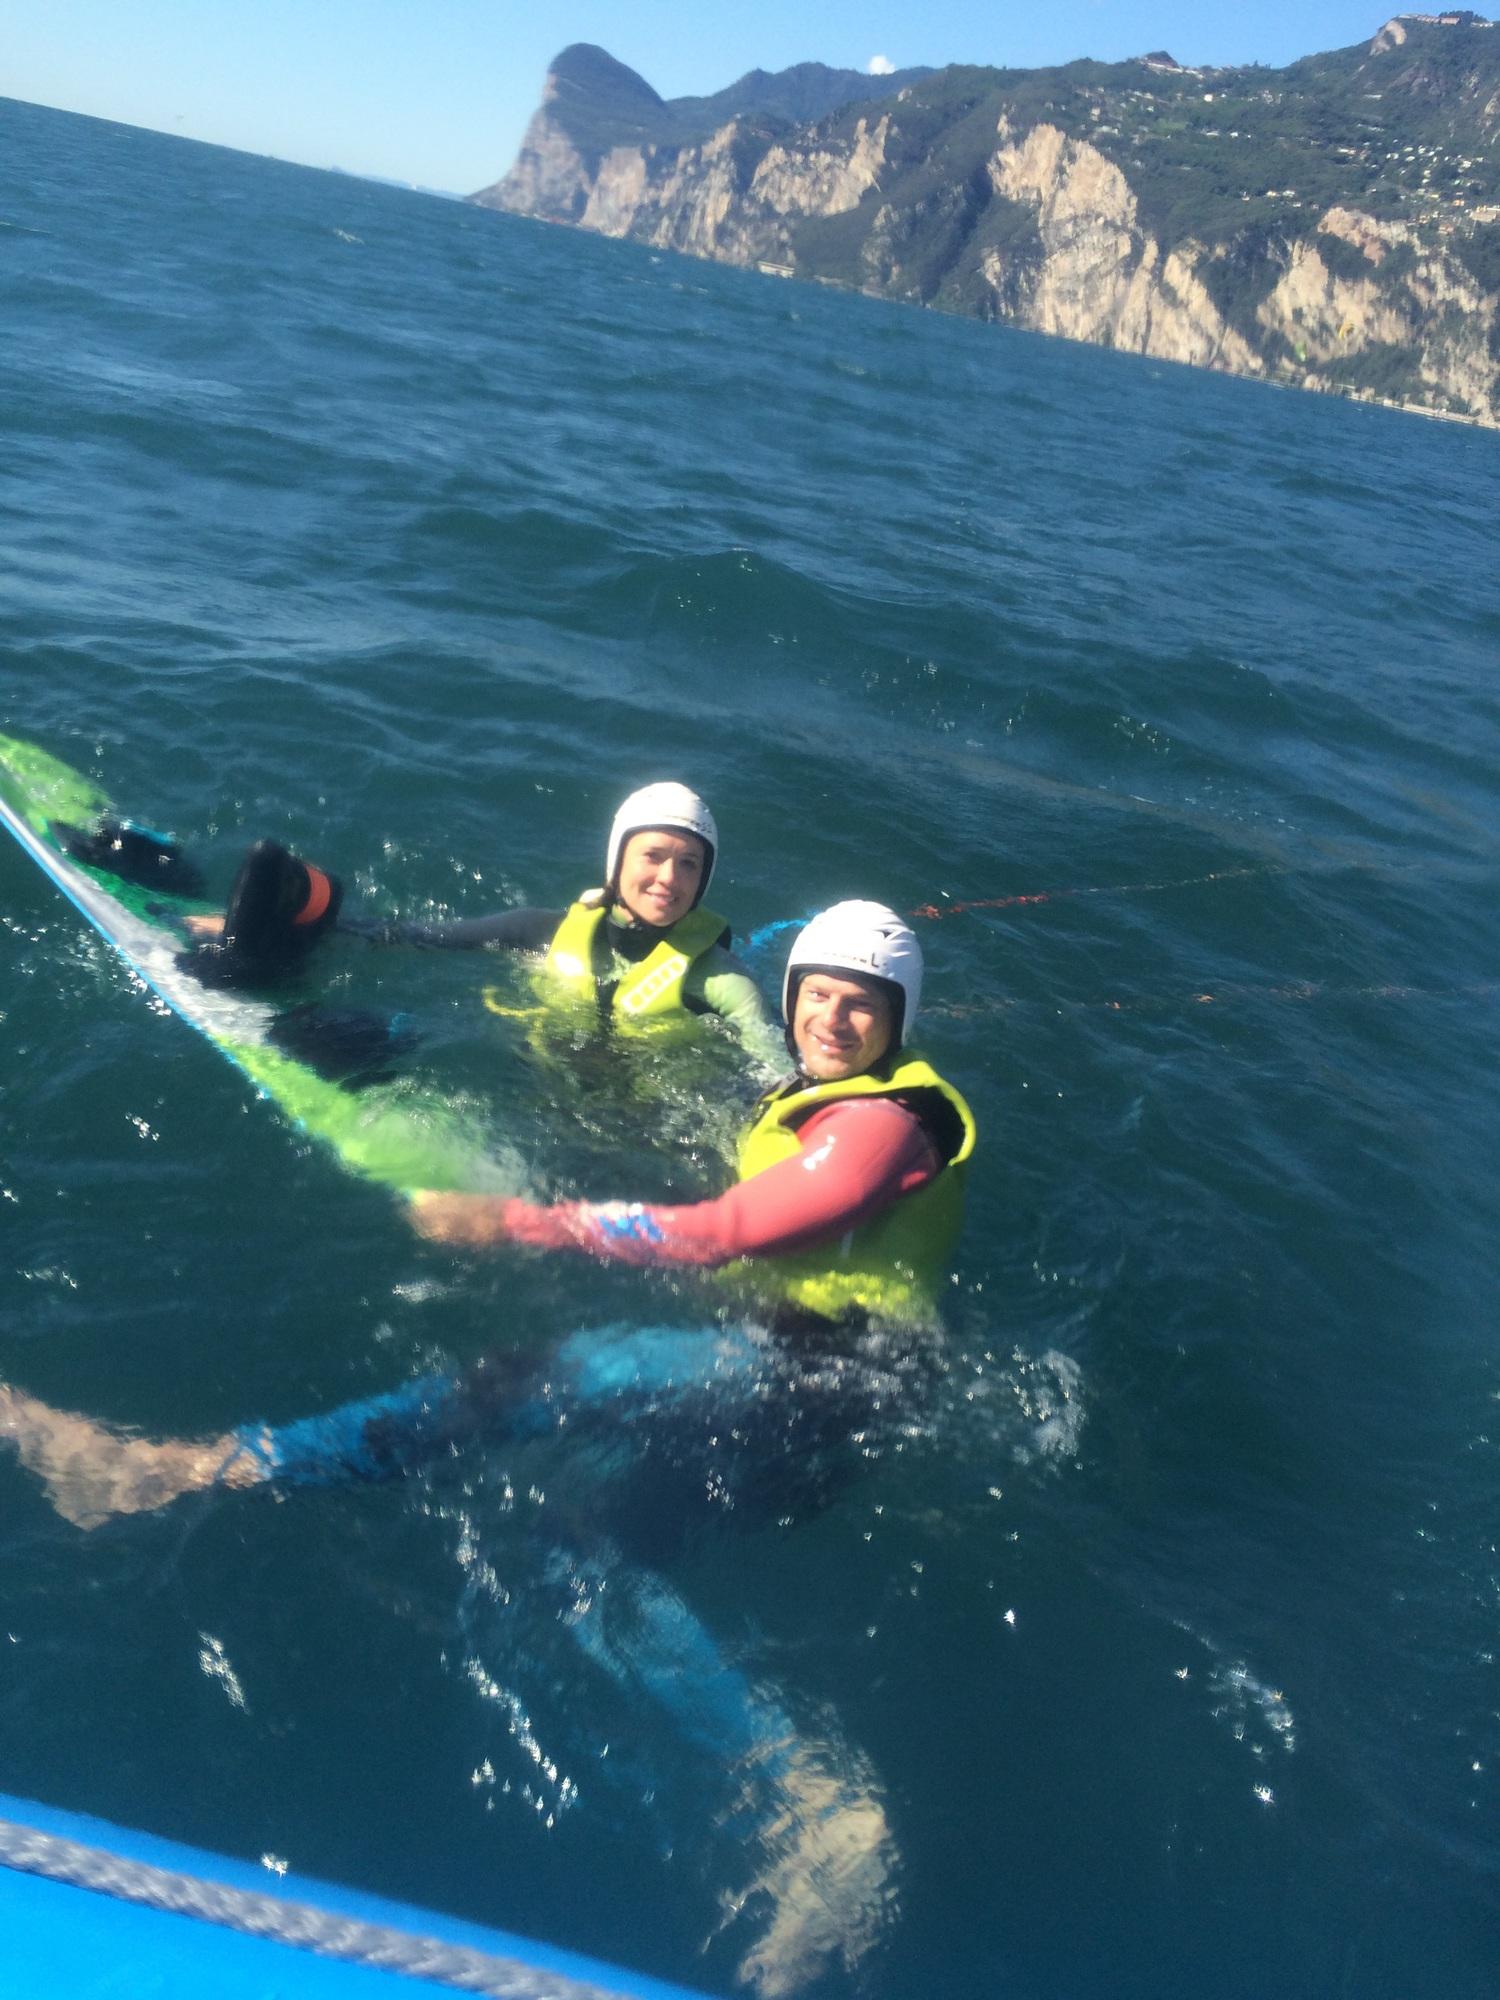 Leren kitesurfen met windriders. Kwalitatief materiaal en radio helmen om in contact te blijven met je instructeur